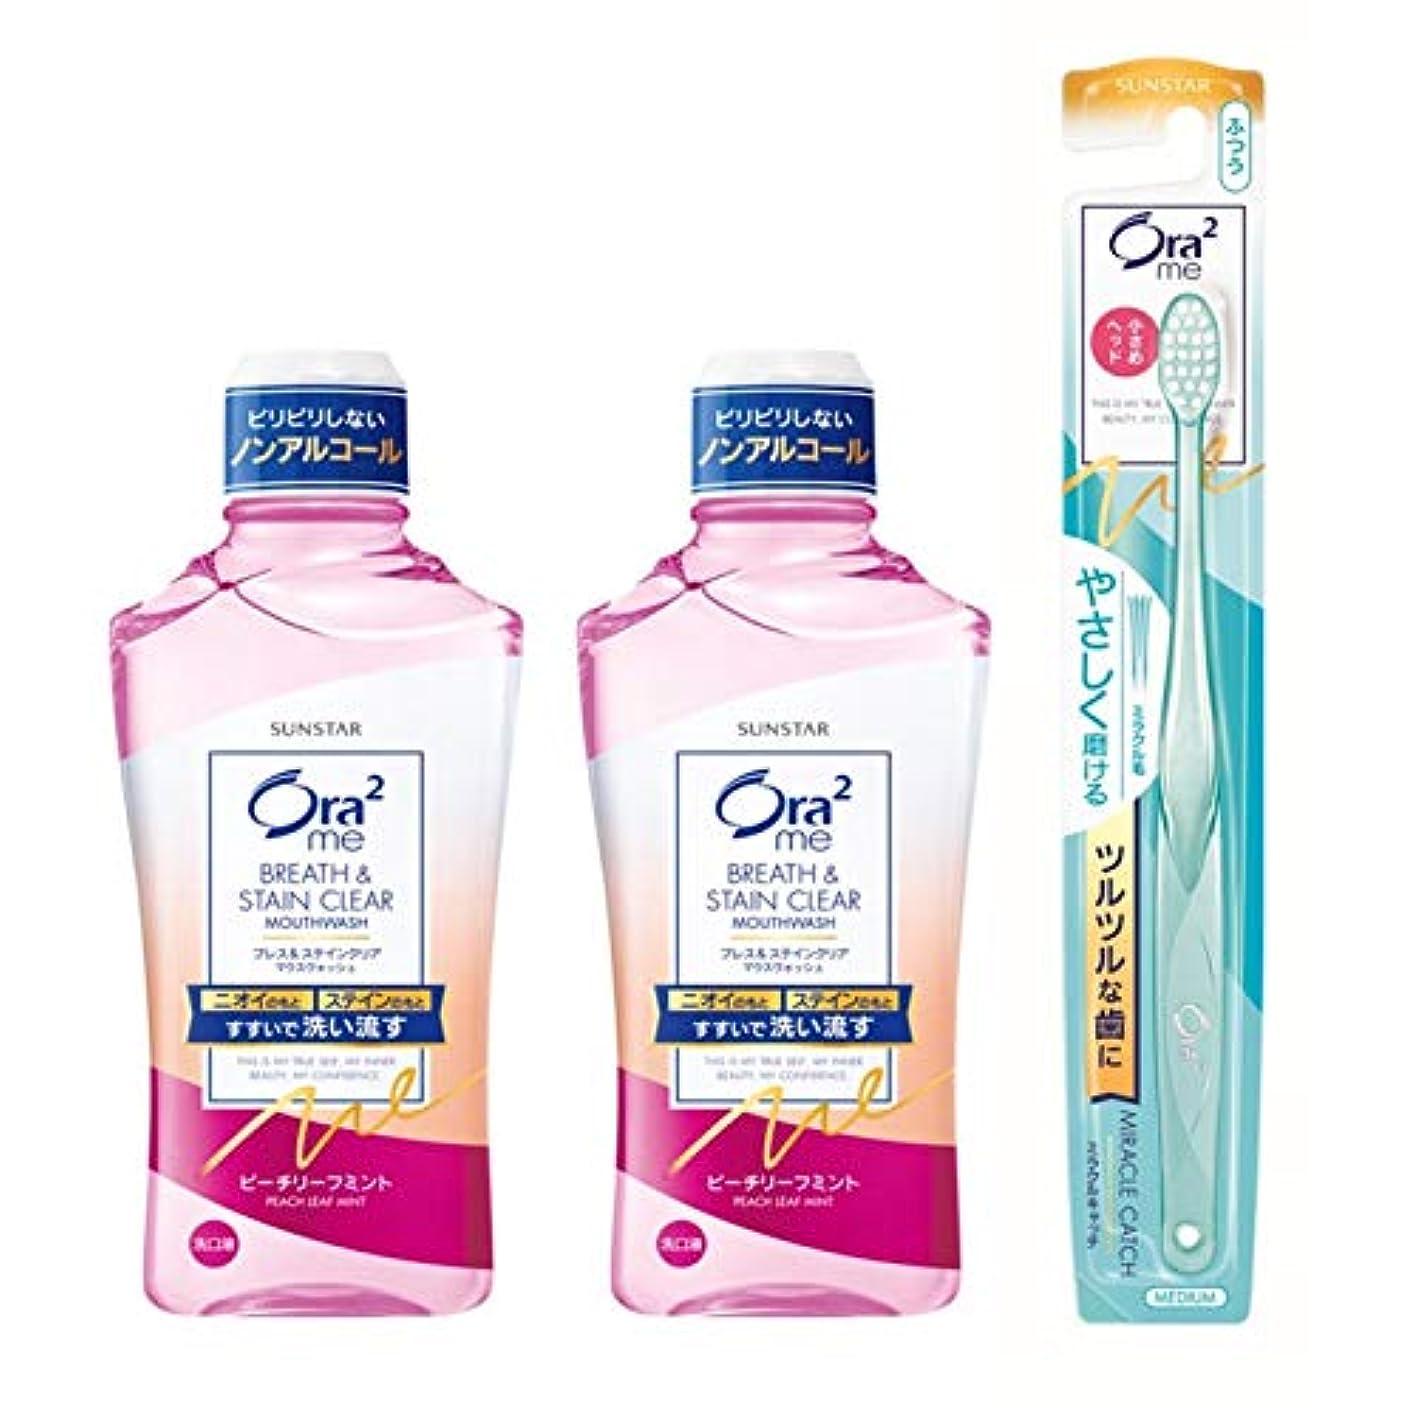 ペチュランスシリーズ致命的Ora2(オーラツー) ミーマウスウォッシュ ステインクリア 洗口液[ピーチリーフミント]×2個+ハブラシ付き